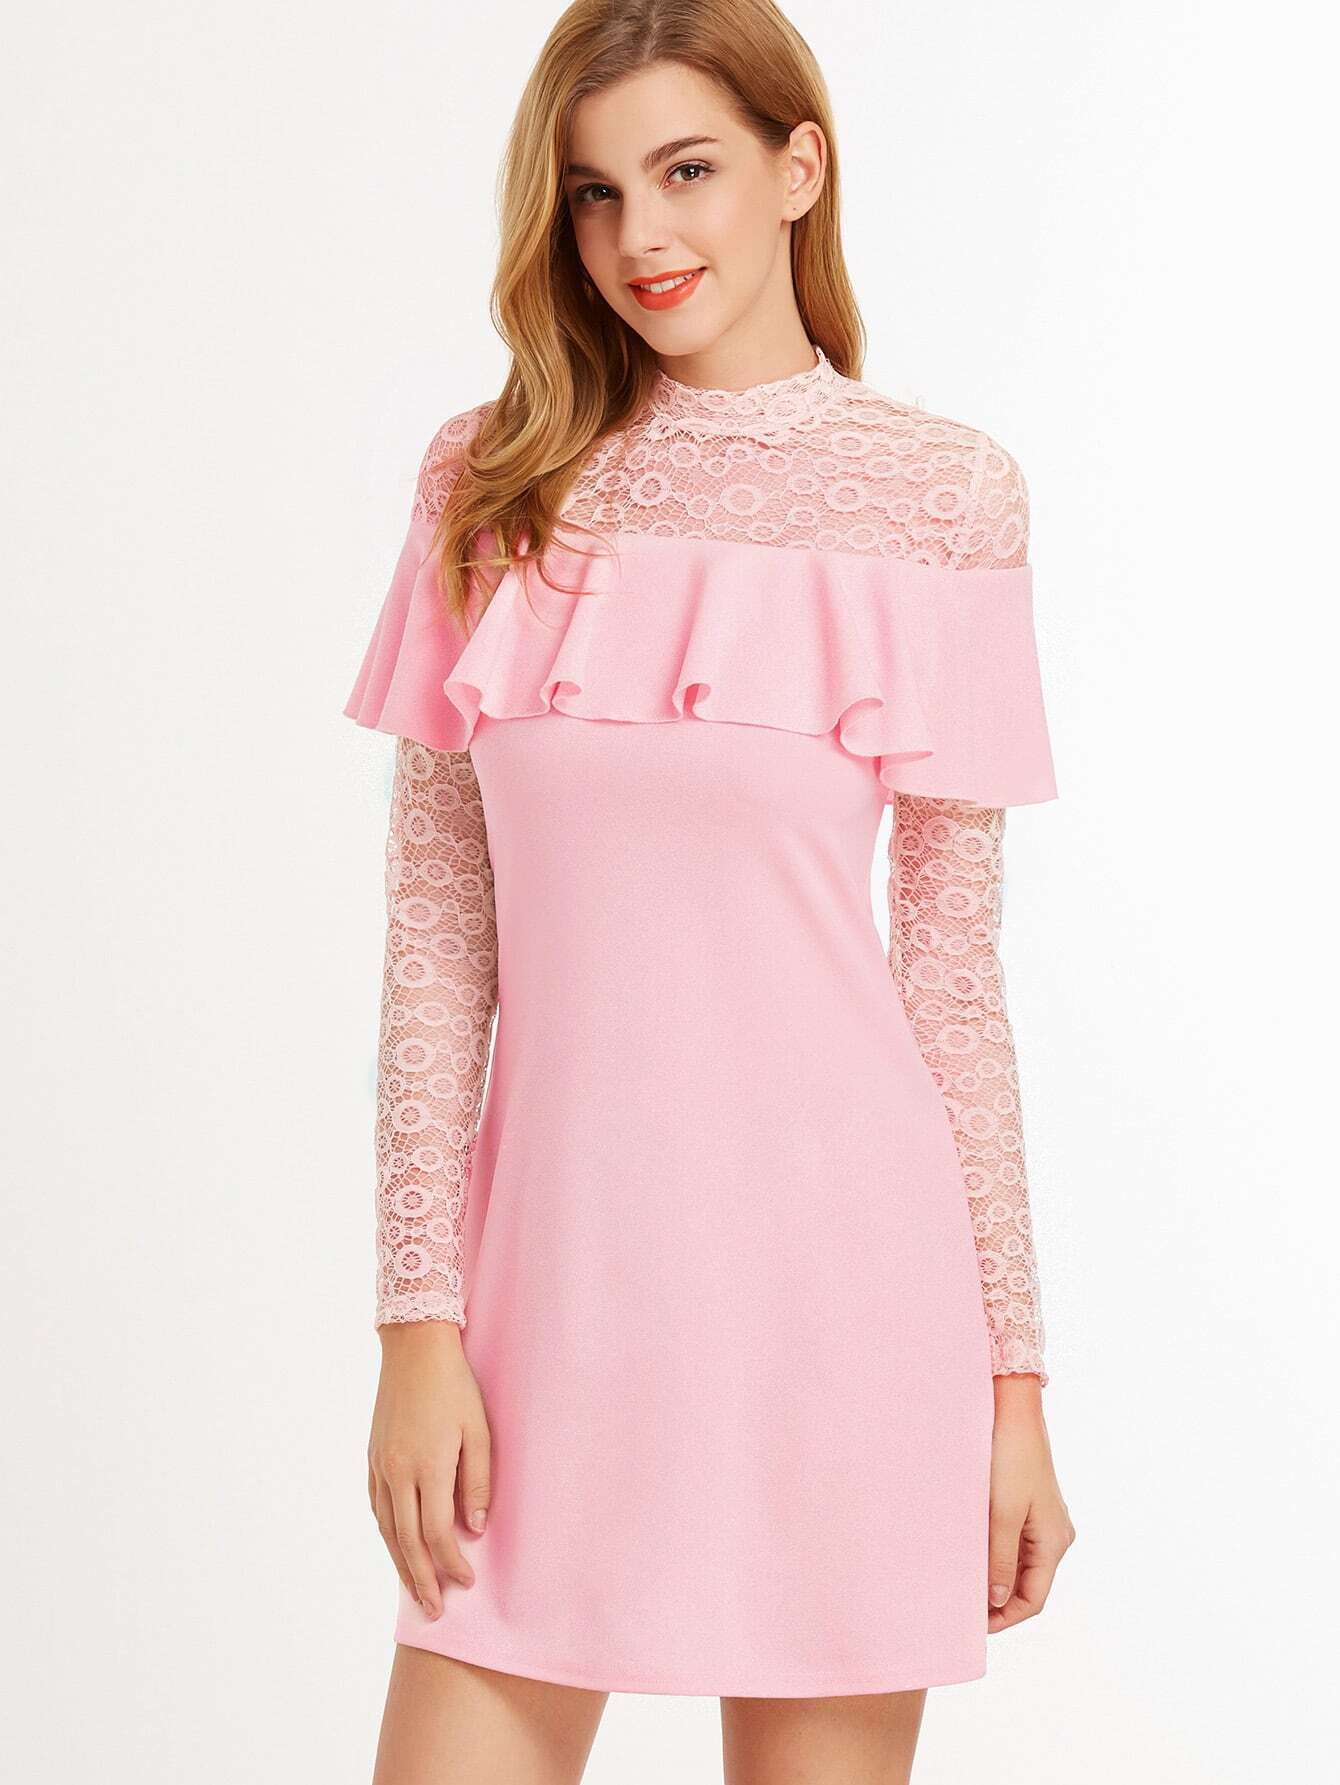 dress161123715_2